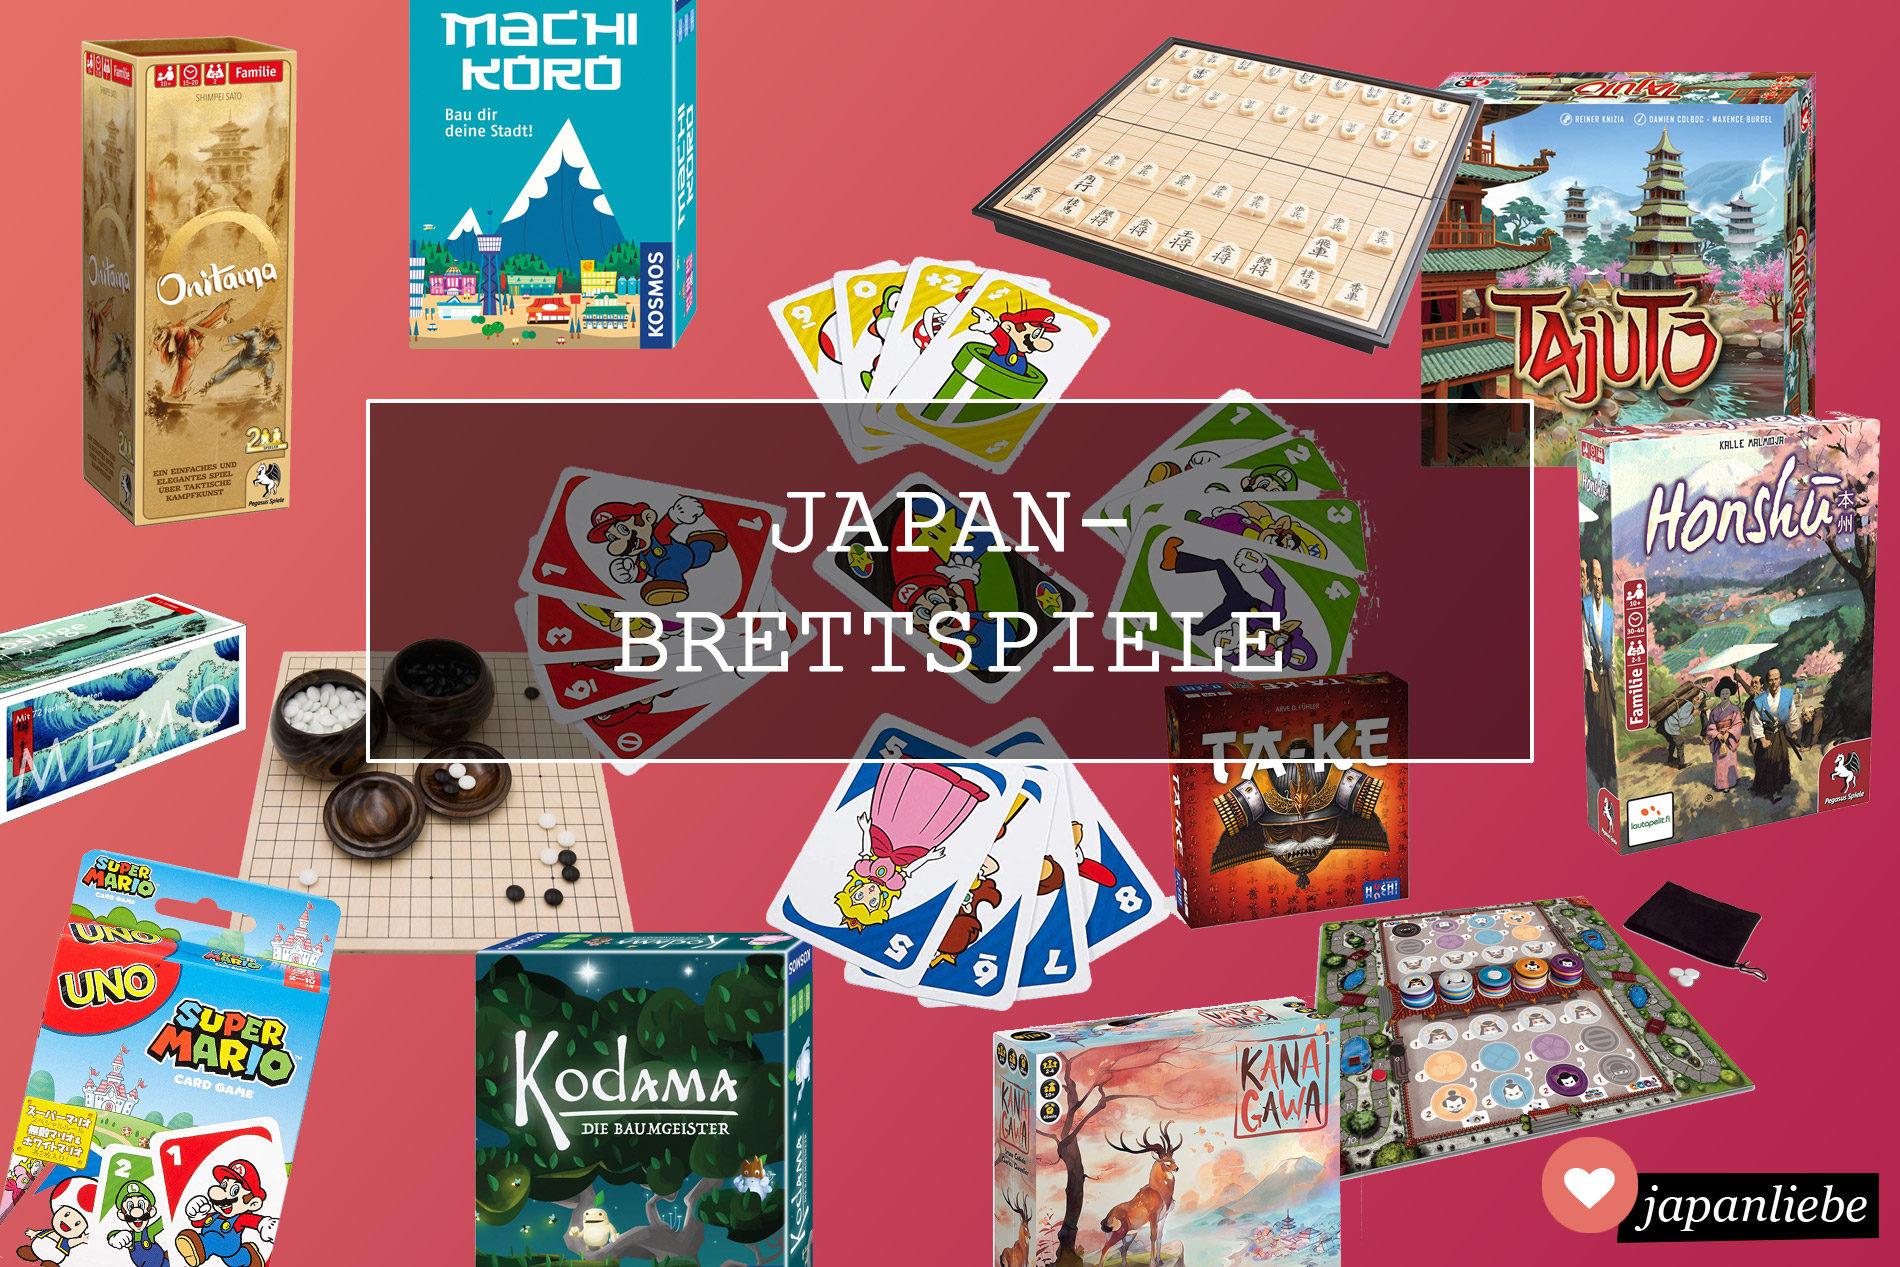 Japan-Brettspiele